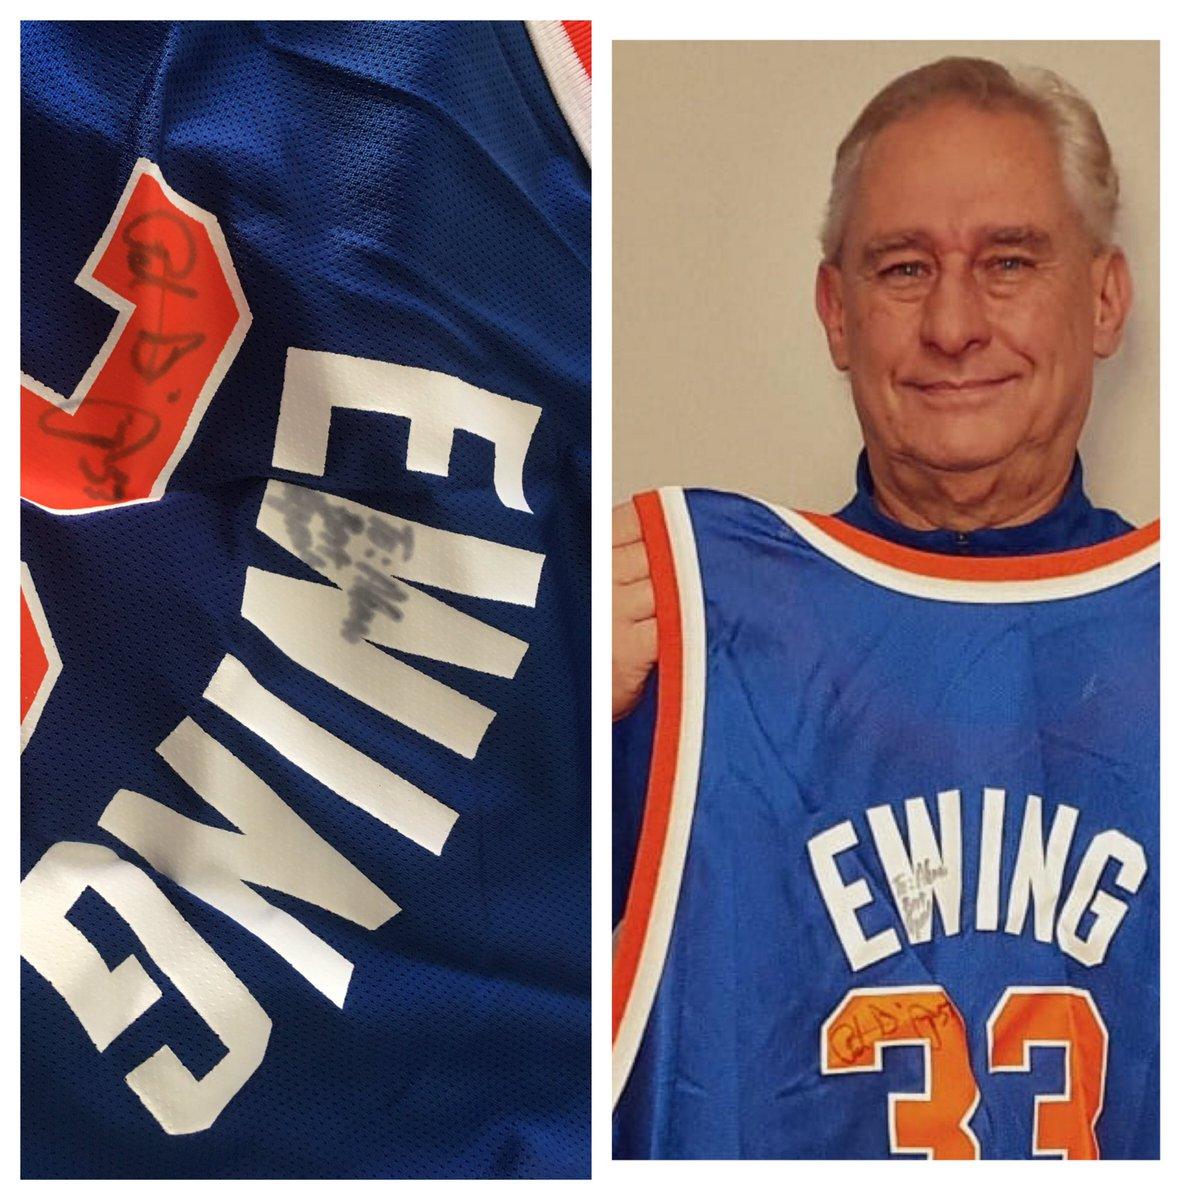 Em 1992 ele foi um dos titulares do DREAM TEAM em #Barcelona92 . Em 1995 , ele veio ao Brasil e ficou uma semana . Em 2020 , a homenagem a lenda #Patweek  Grande semana @CoachEwing33   E viva aos fãs do @nyknicks  @NYKnicksBR  @NyKnicksBBall  @KnicksDaDepre  @NBABrasil  #nba https://t.co/qtTtClHPYu